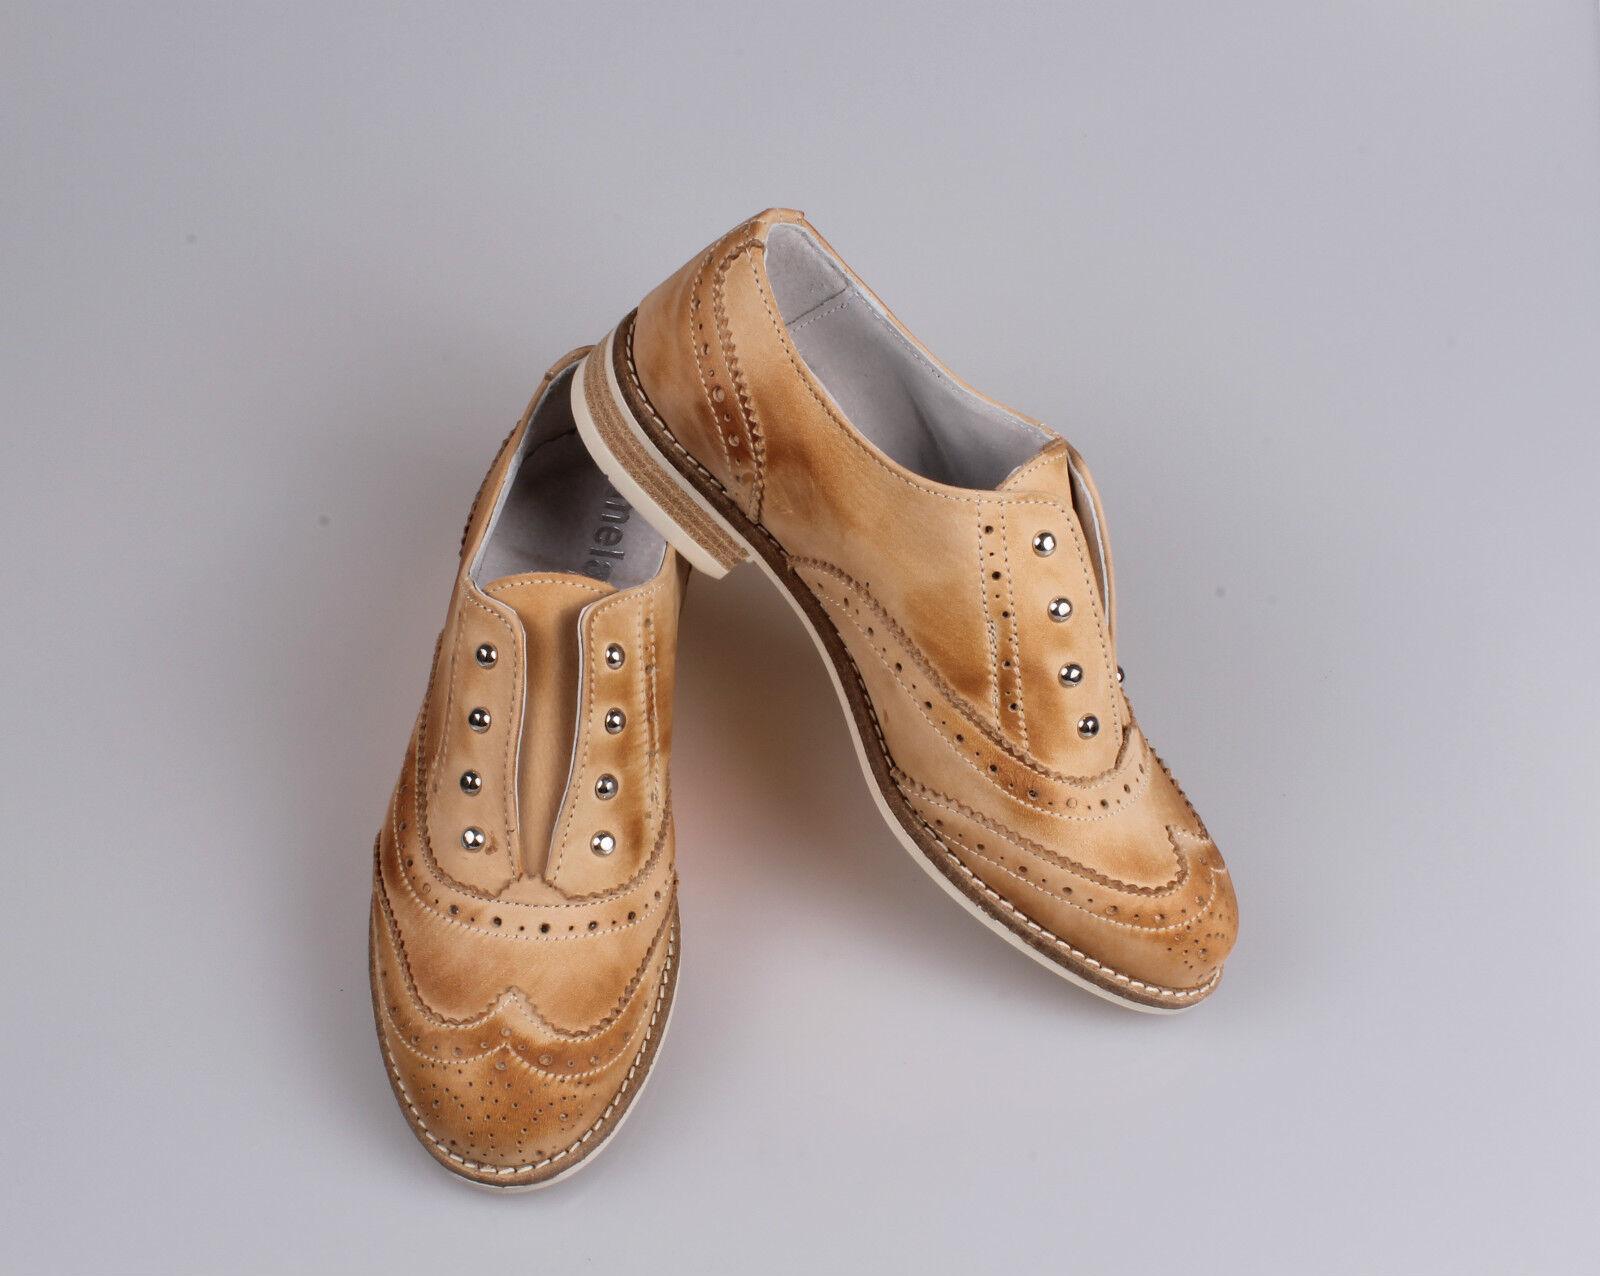 separation shoes 76f3e d5cba Scarpe donna stringate francesine manifattura Modello OXFORD VERA VERA VERA  ... 1fcae2